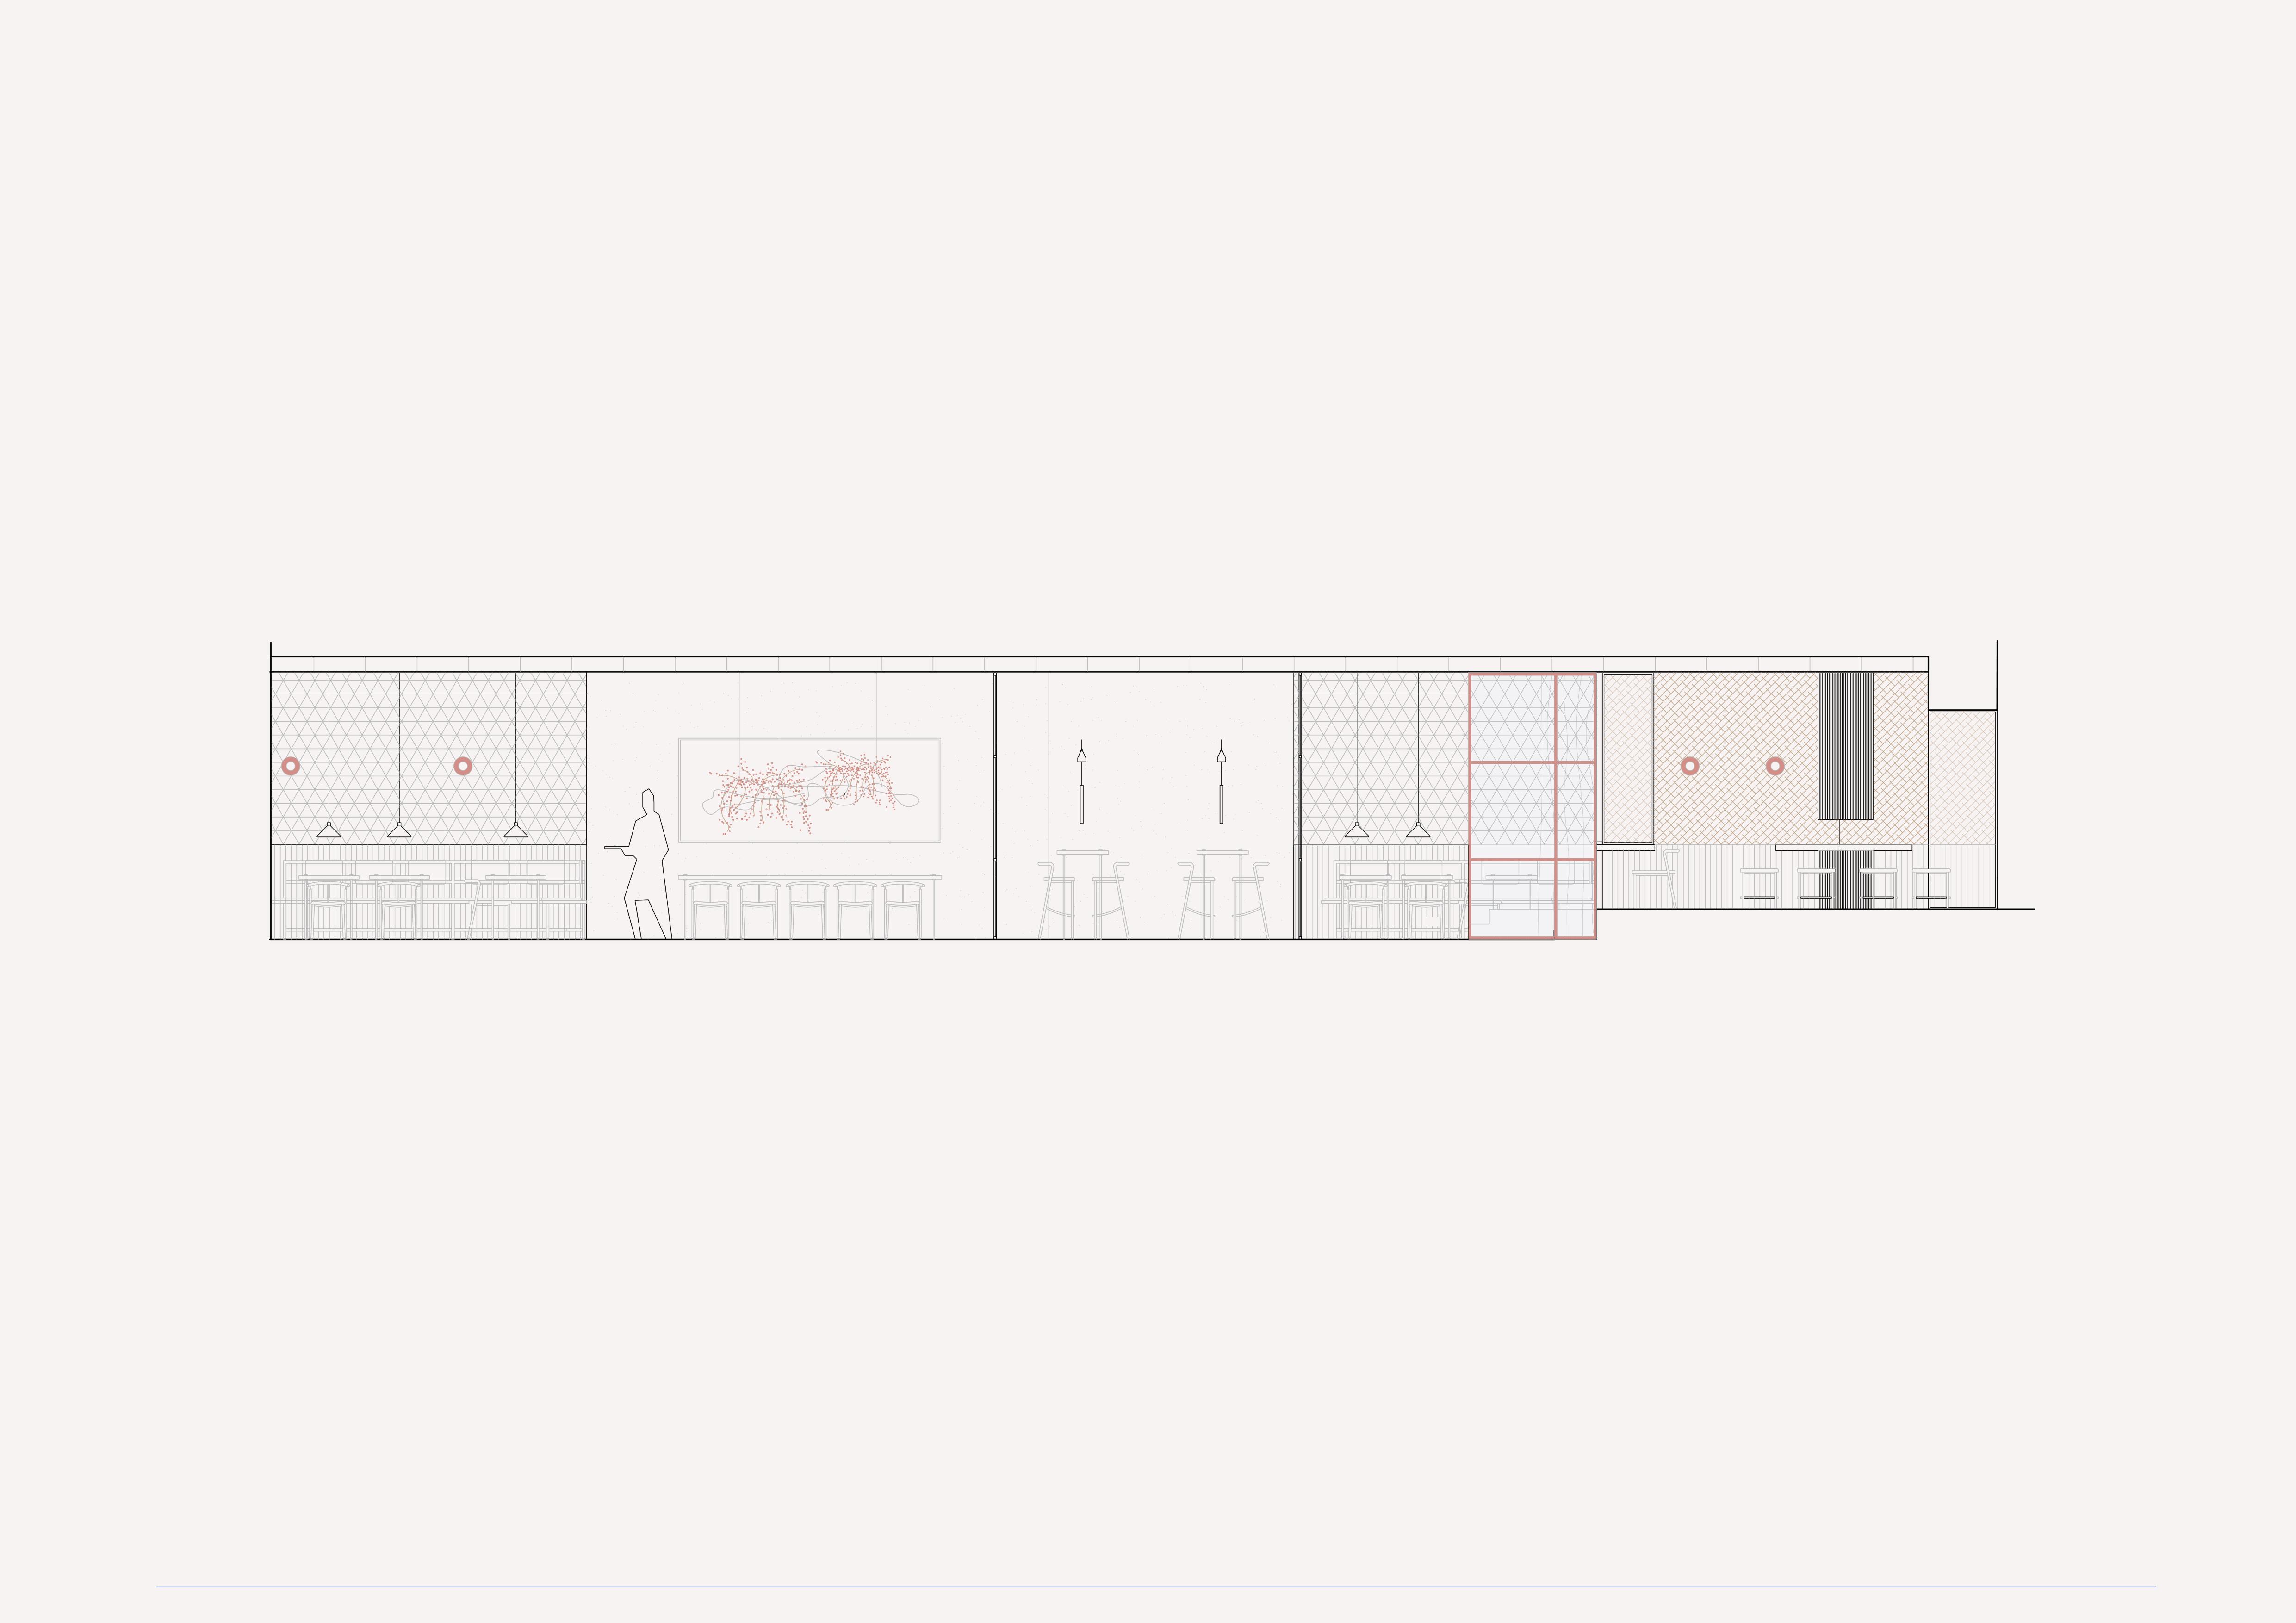 restaurante_diseño_interiores